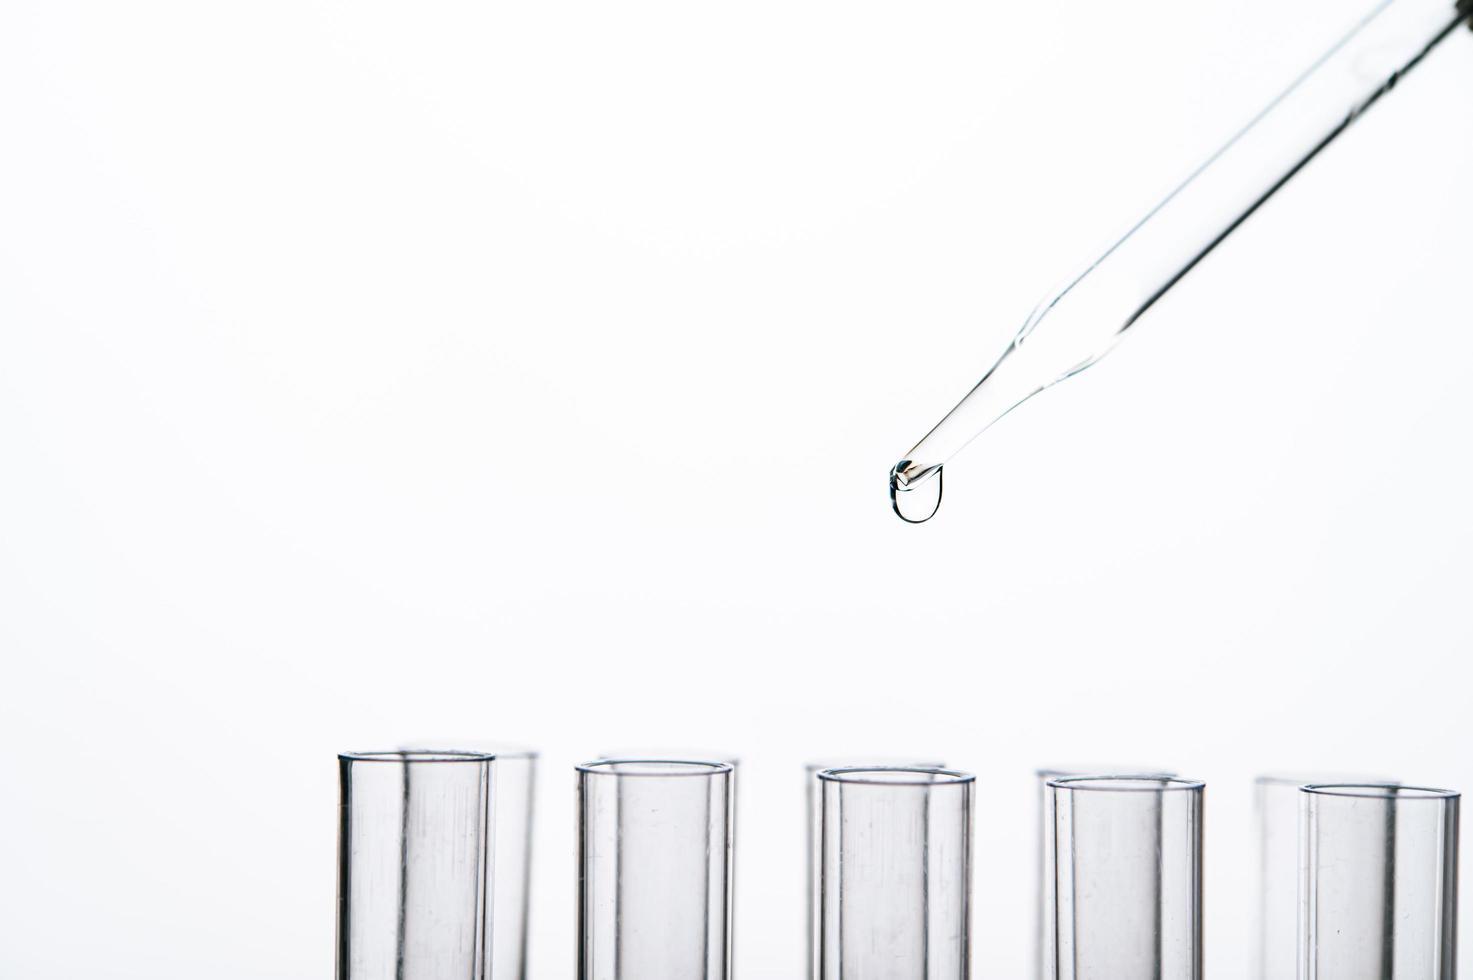 Chemikalie fiel in ein Becherglas foto